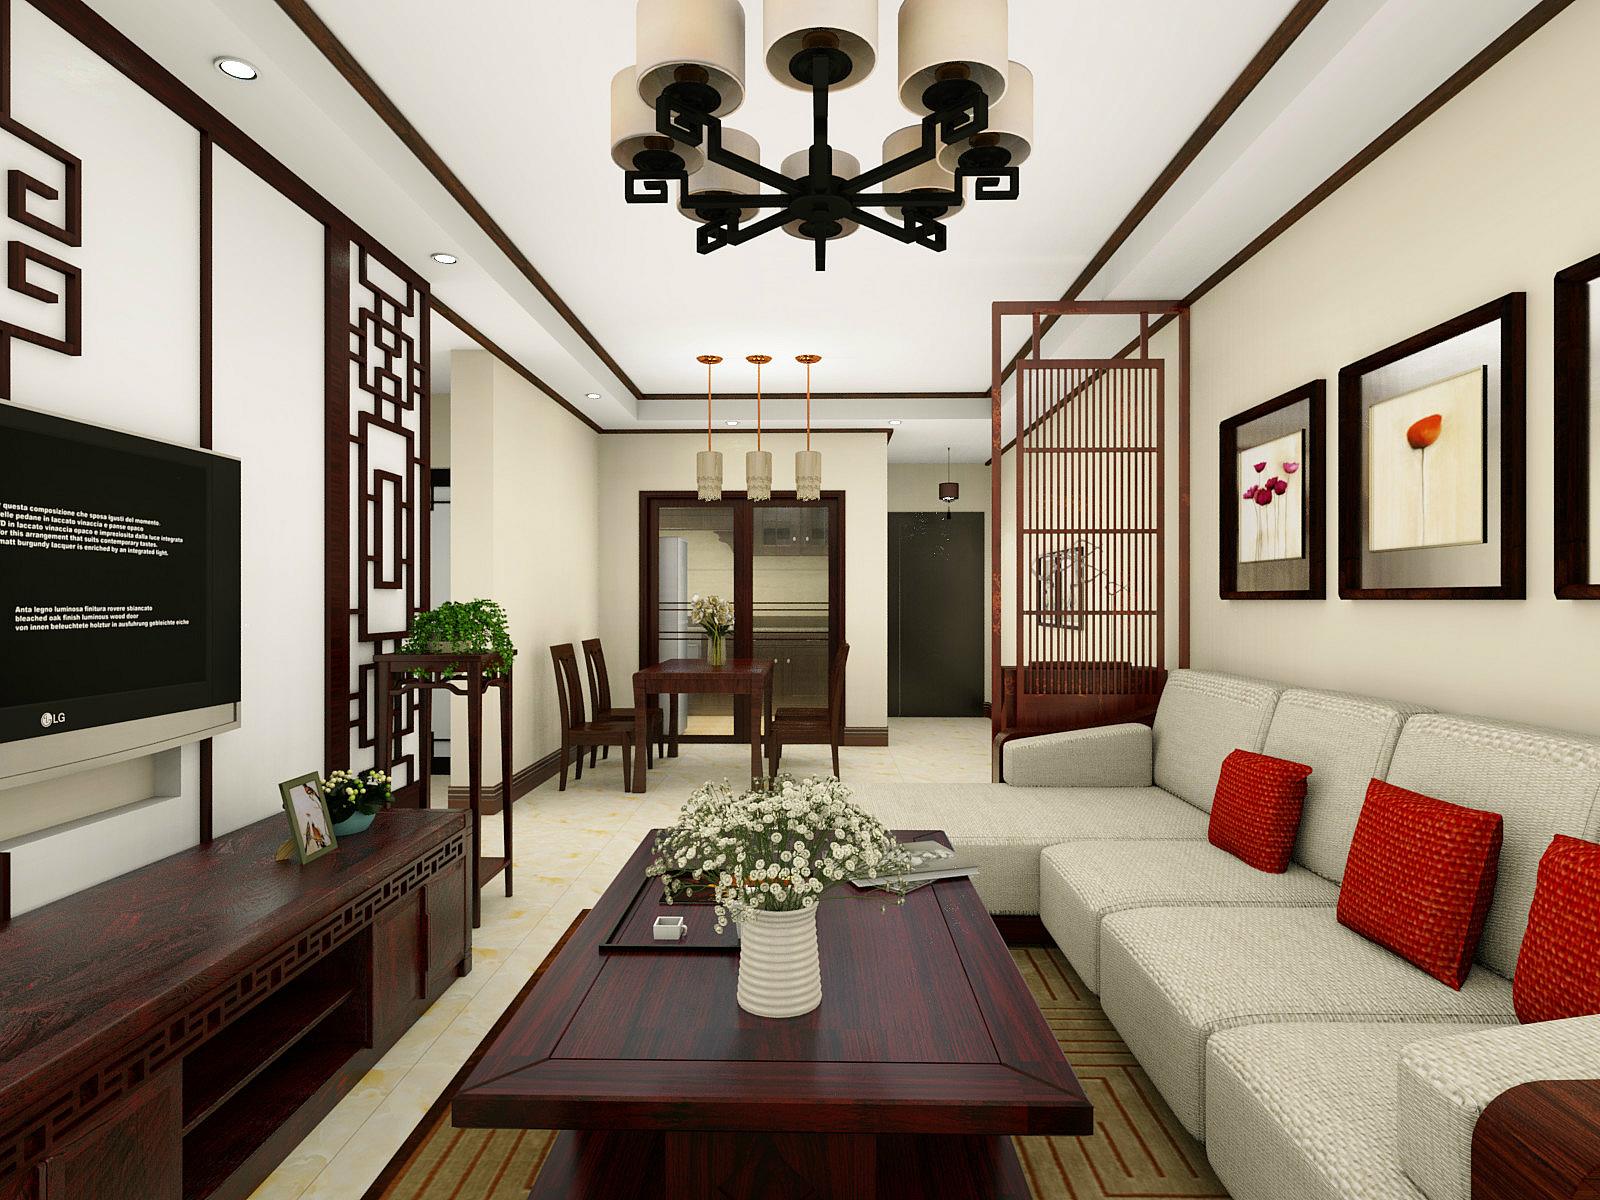 婆婆把103平米的房装修成这种中式古典风格,一进门就看呆了!-海伦堡·海伦春天装修